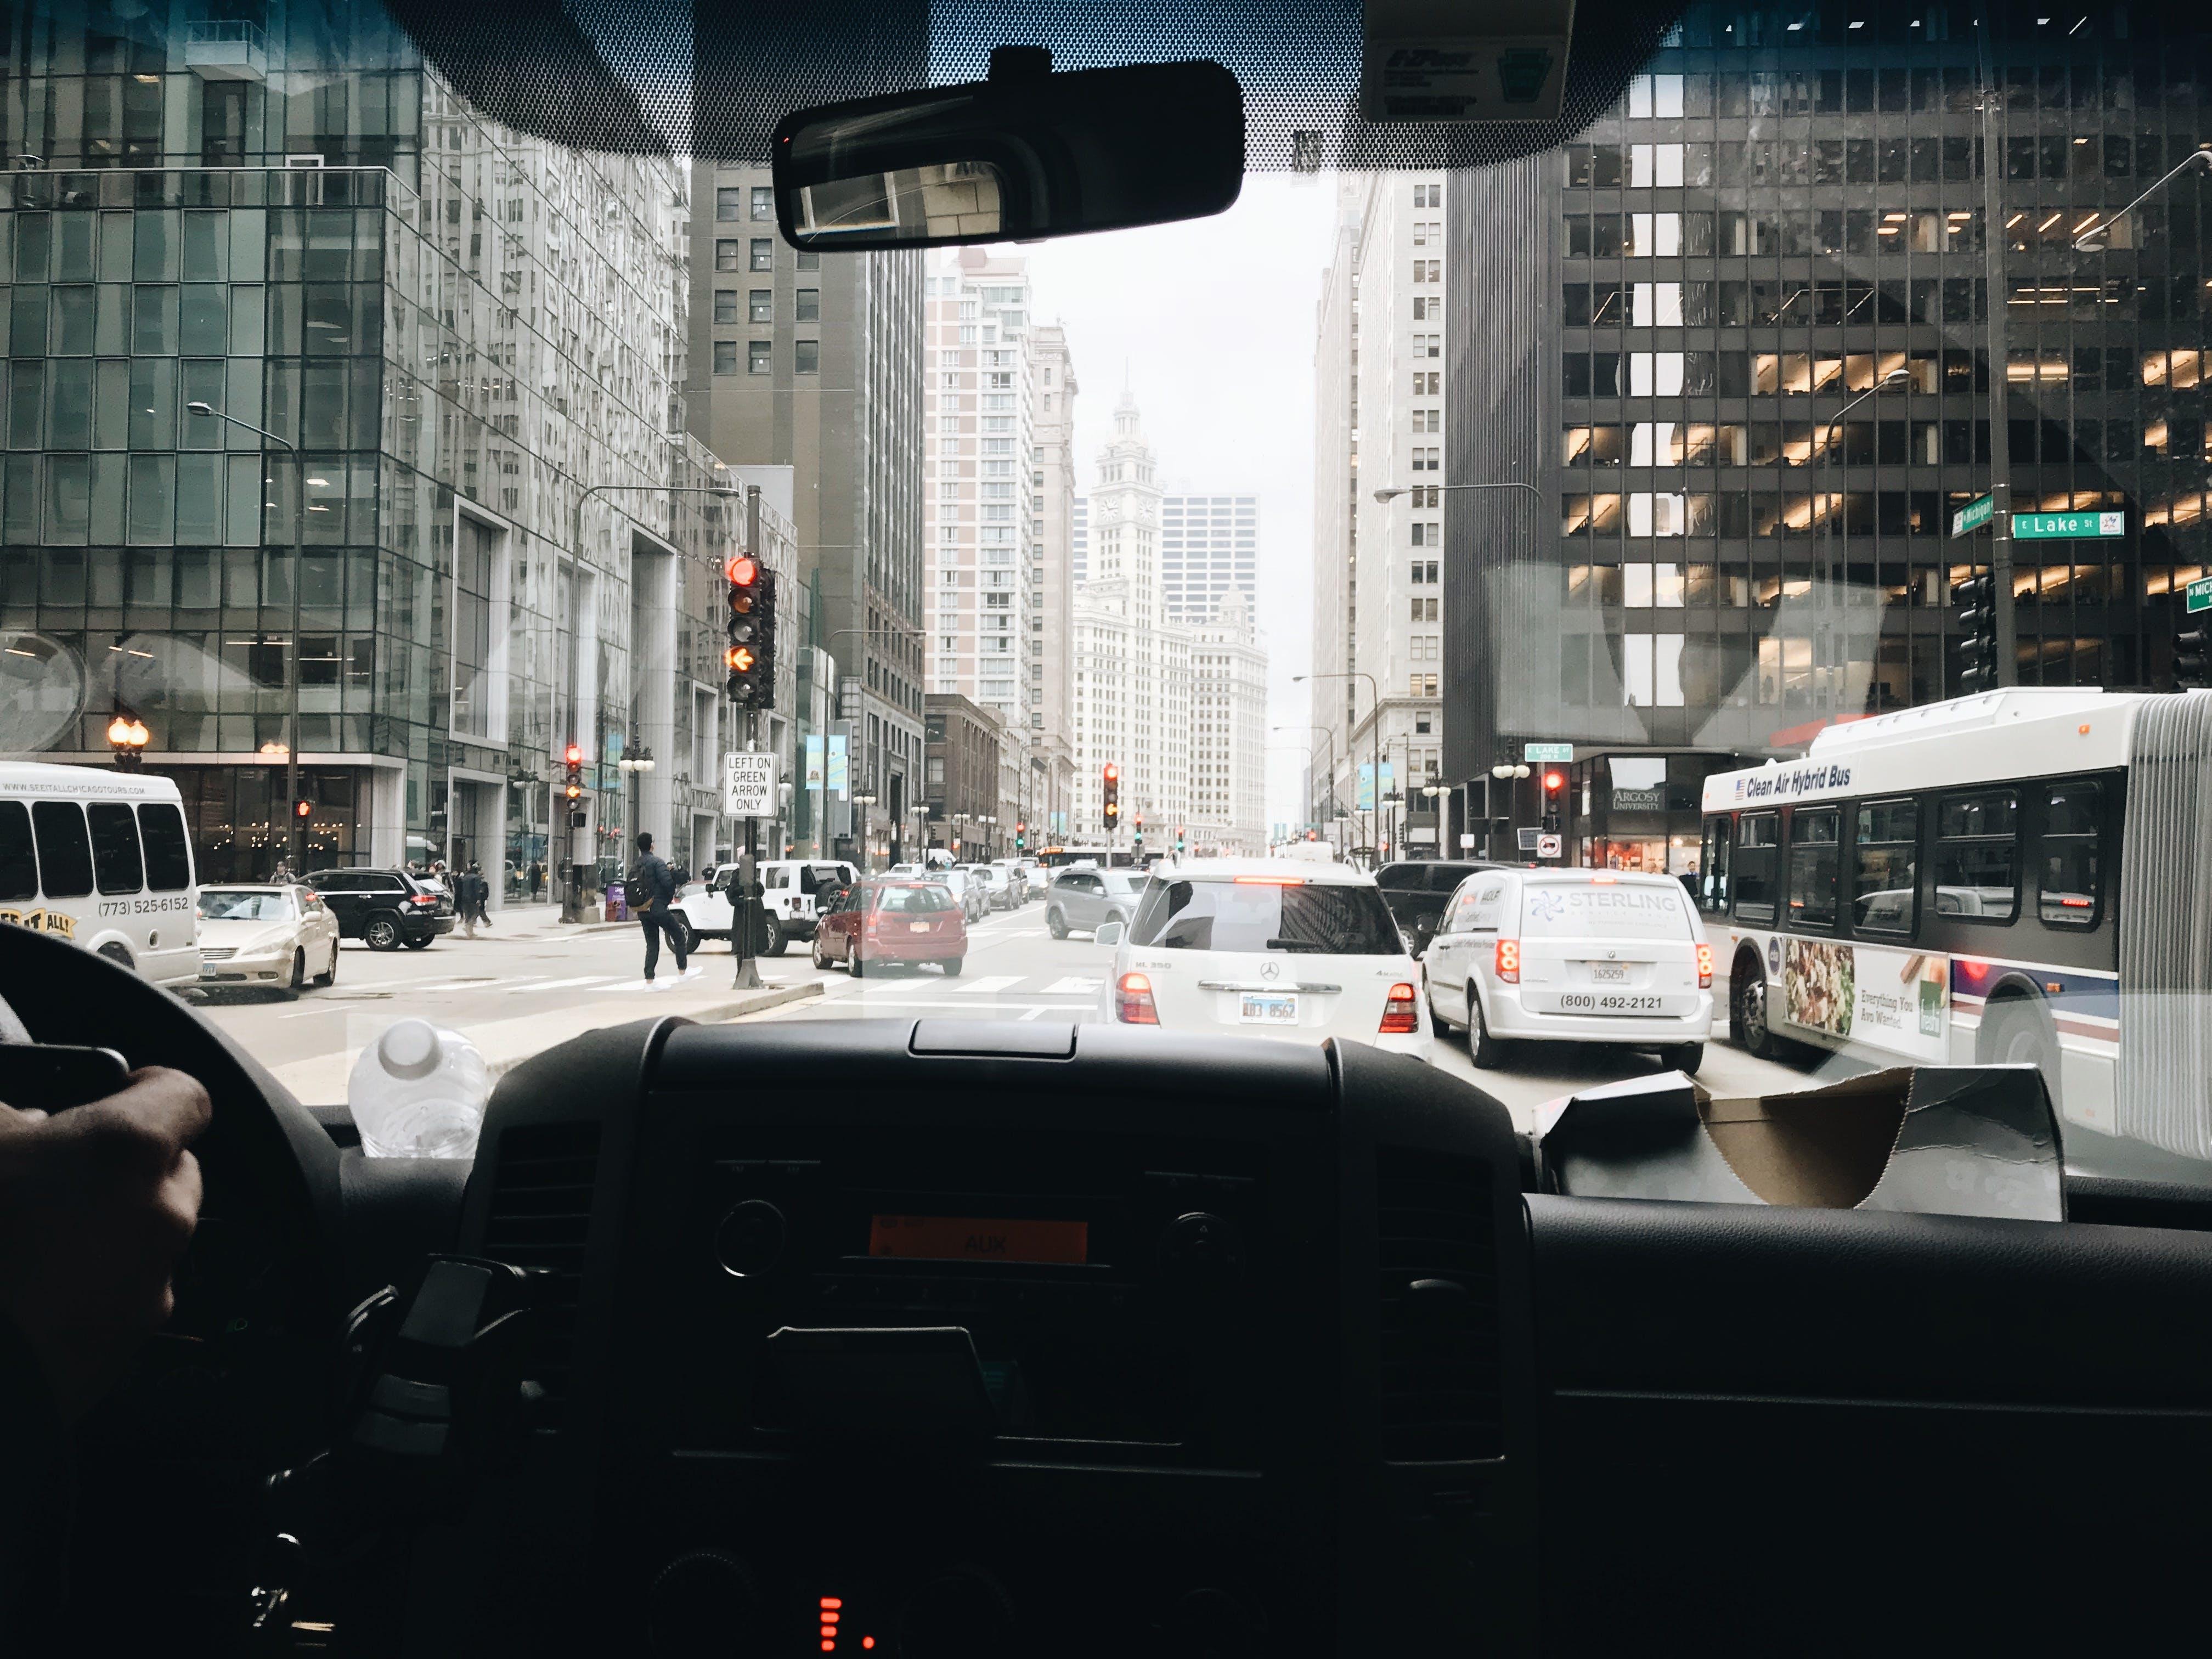 Vehicles Passing on Road in Between Buildings